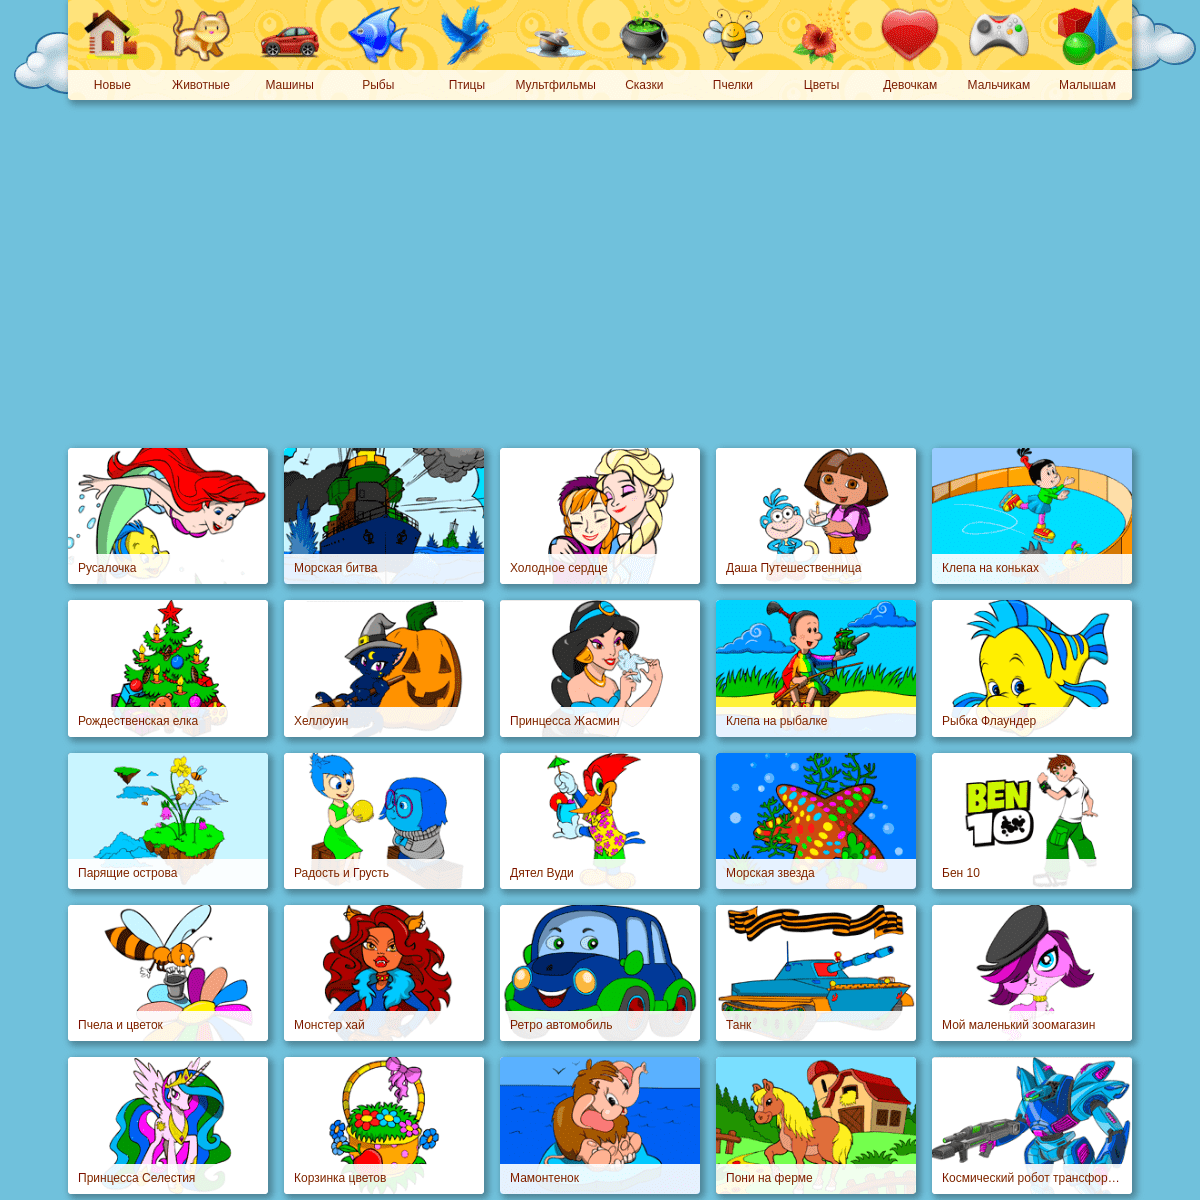 Онлайн раскраски для детей (Citation ArchiveBay.com)